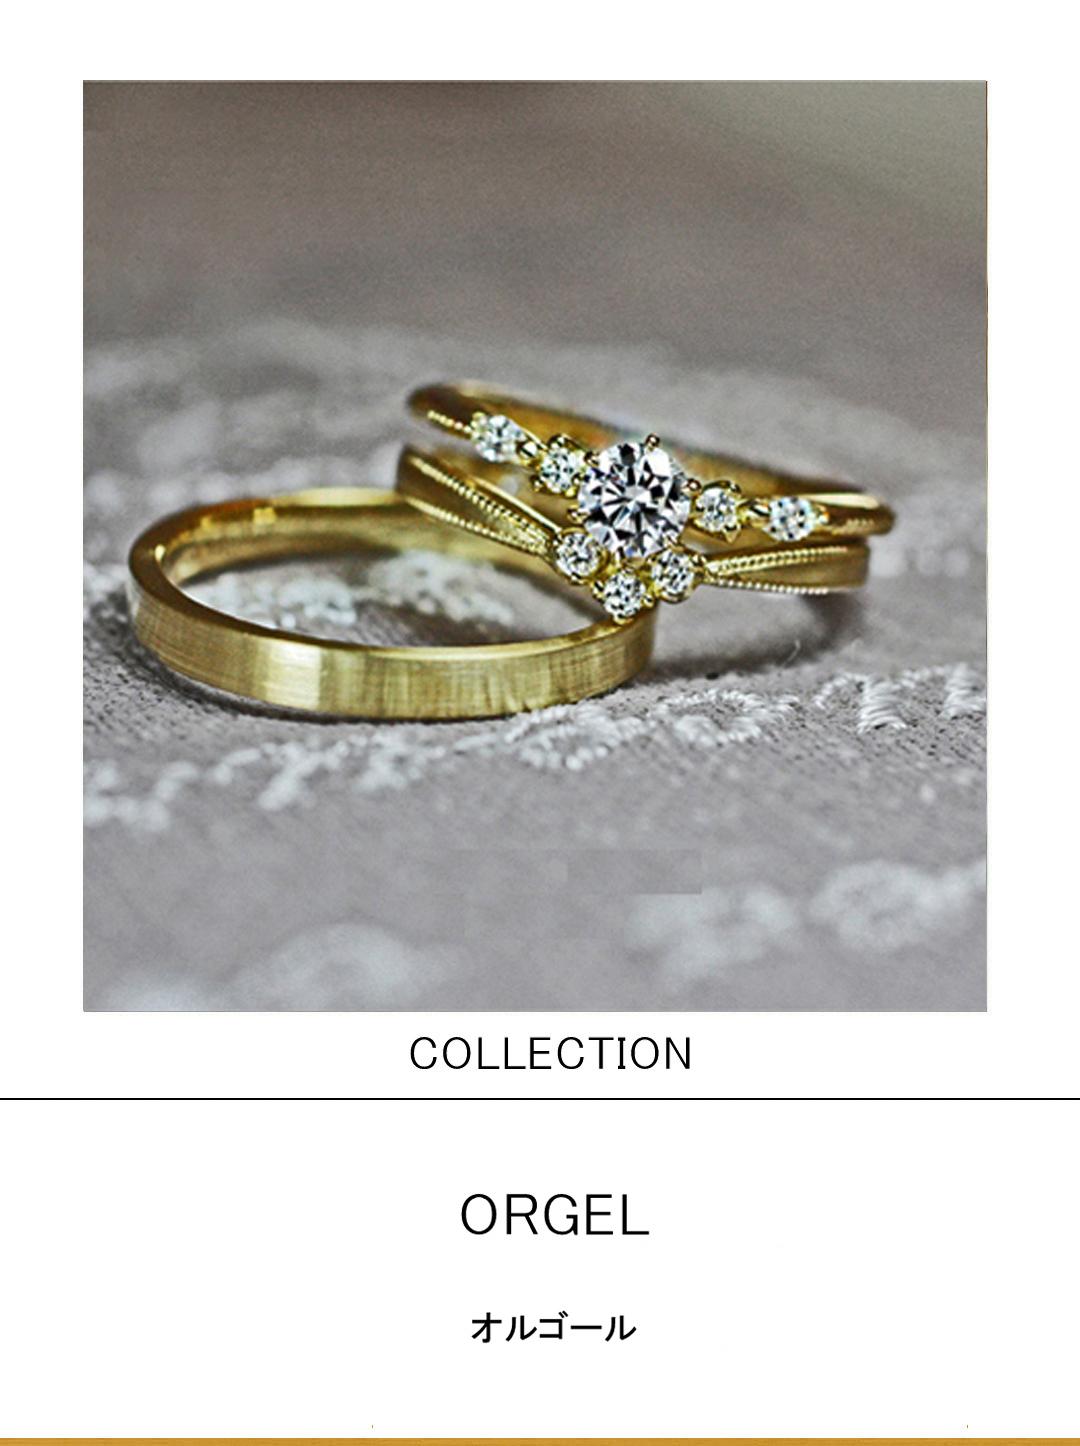 オルゴールをデザインしたアンティークゴールドの婚約指輪&結婚指輪のサムネイル